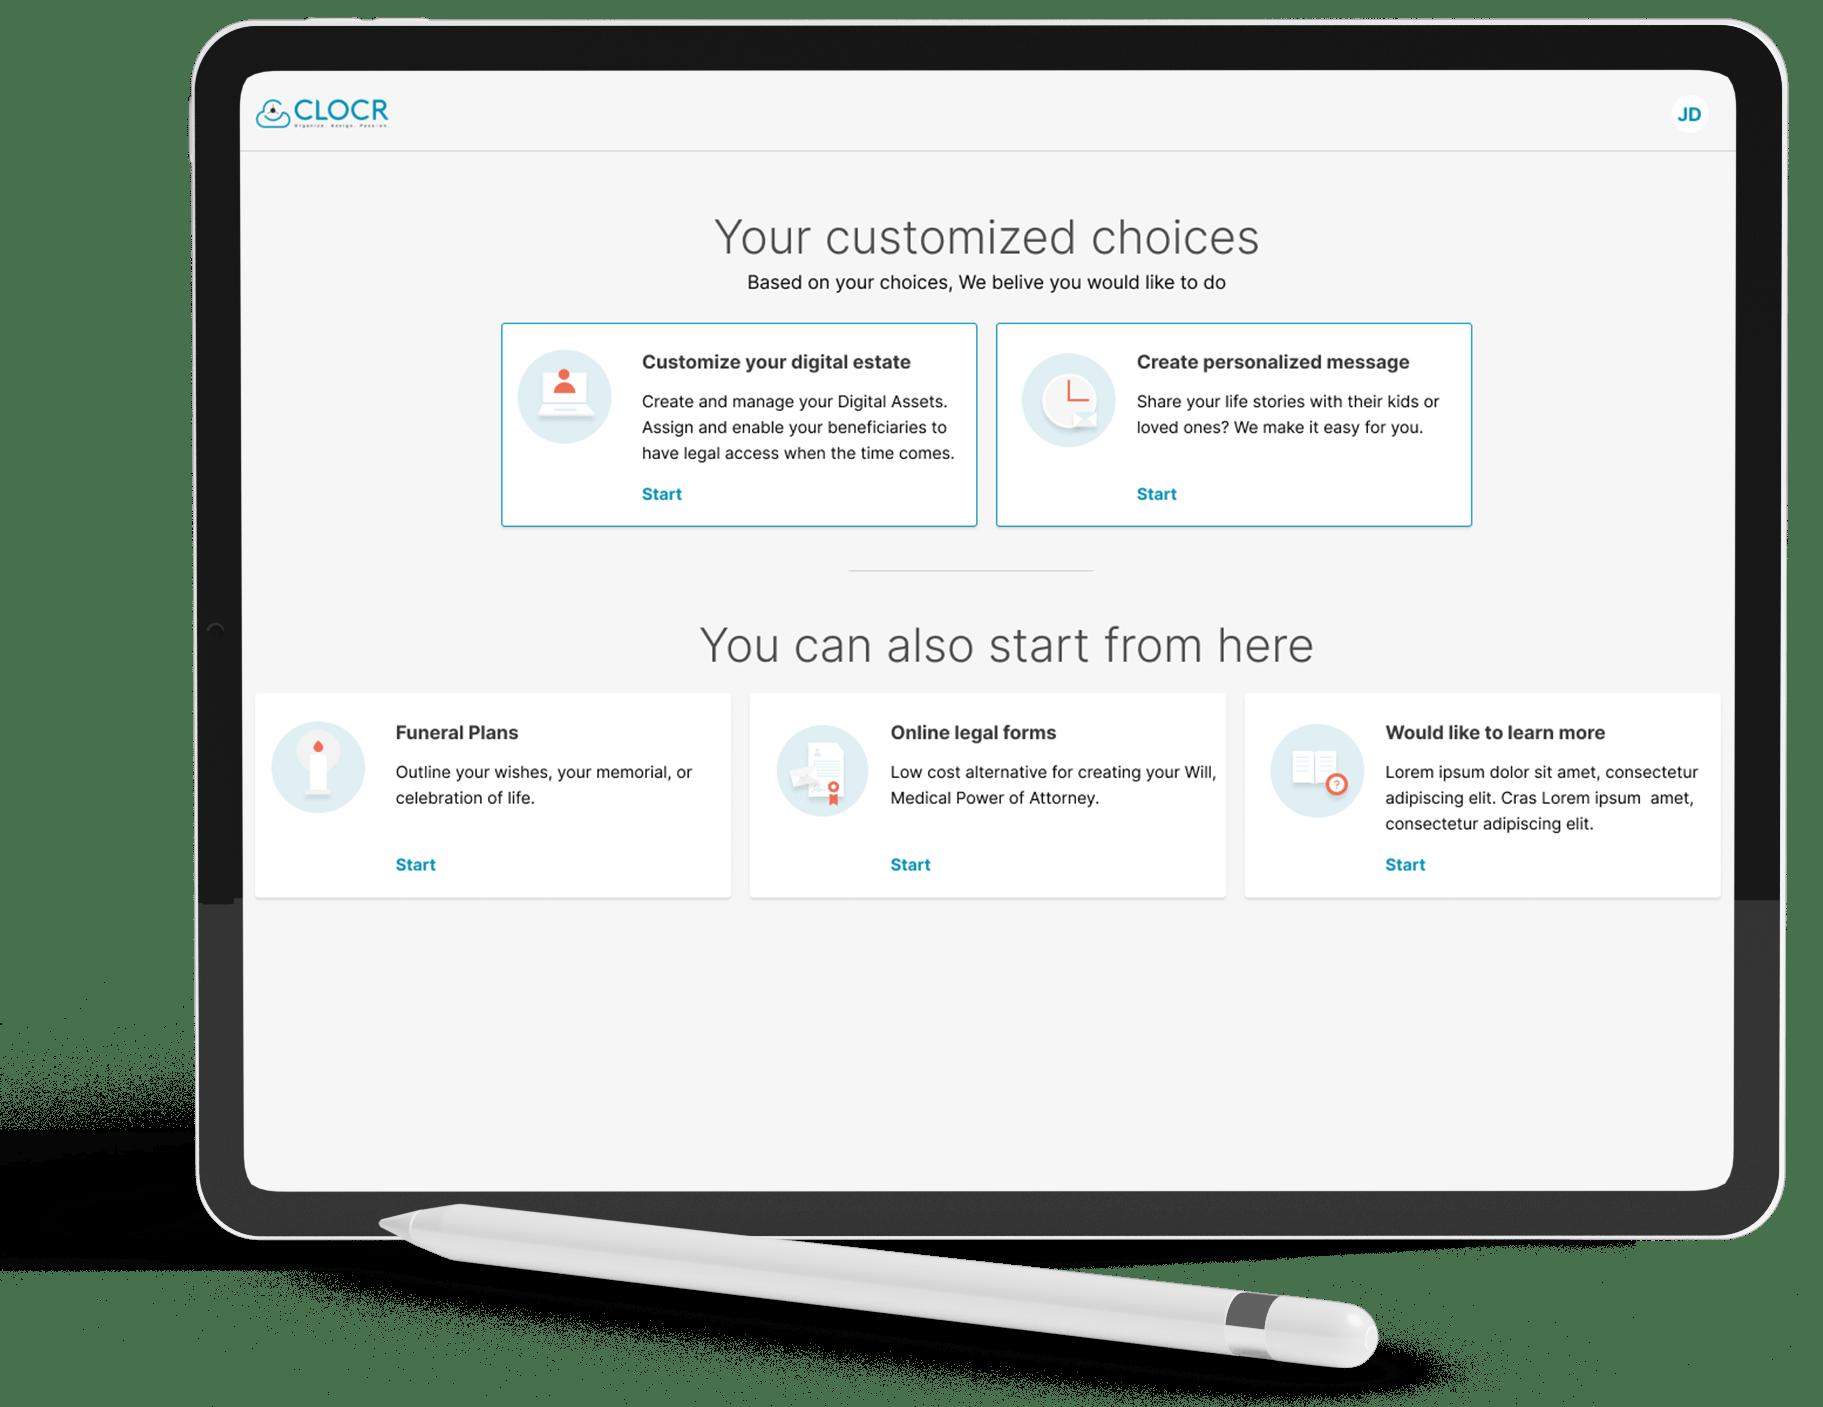 tab-Customize